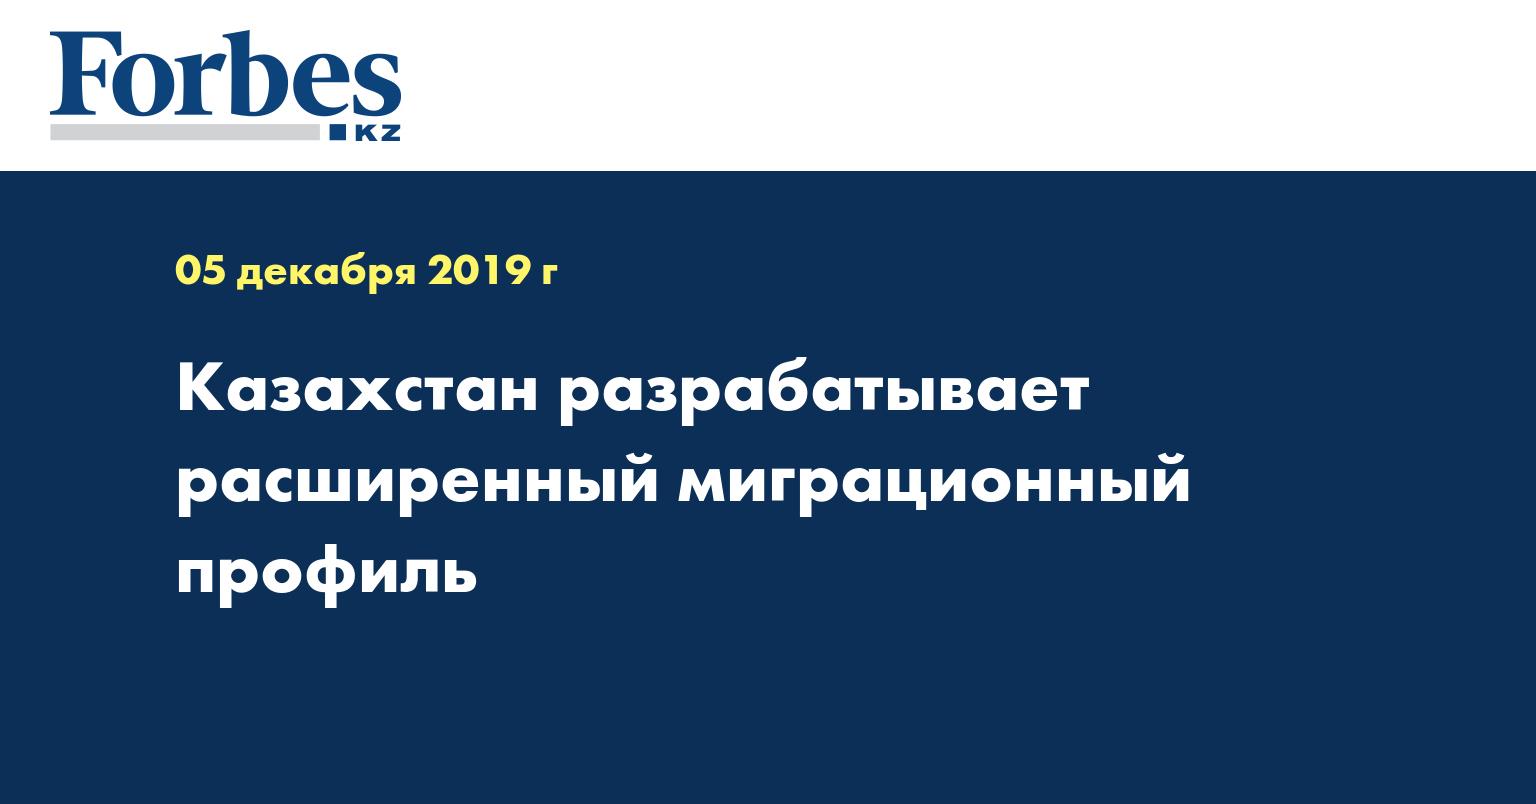 Казахстан разрабатывает расширенный миграционный профиль